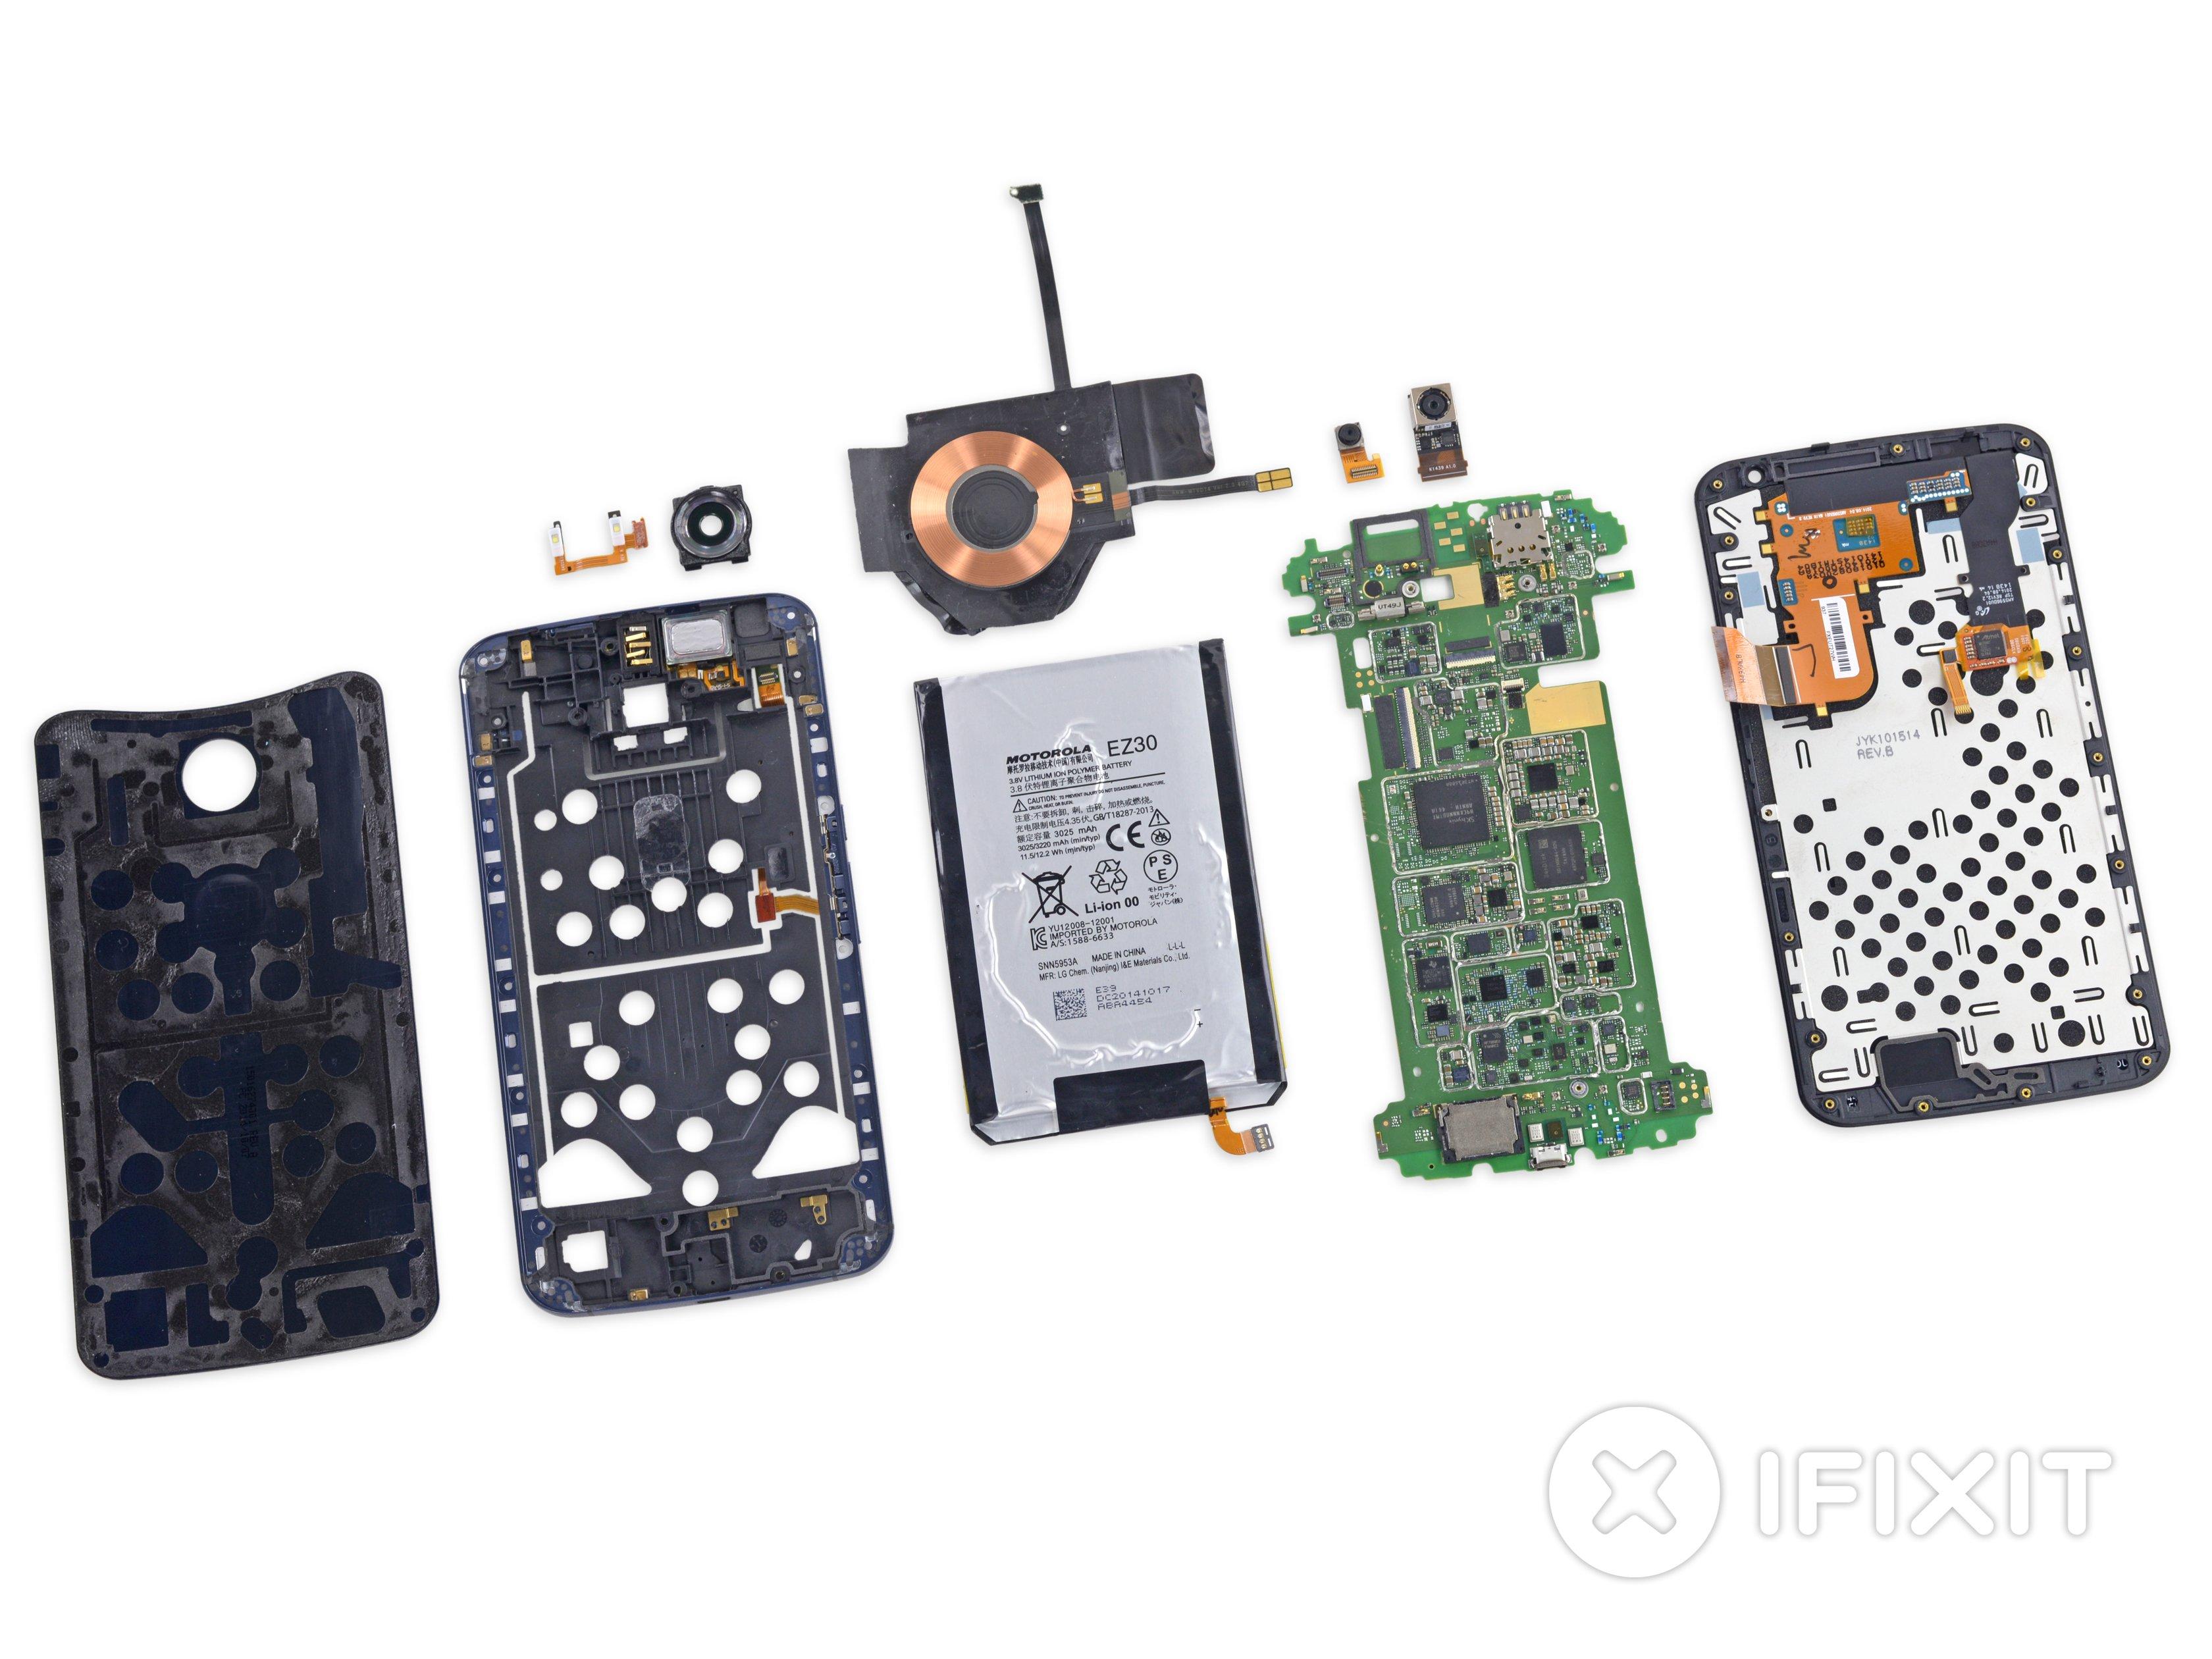 Nexus 6 Teardown